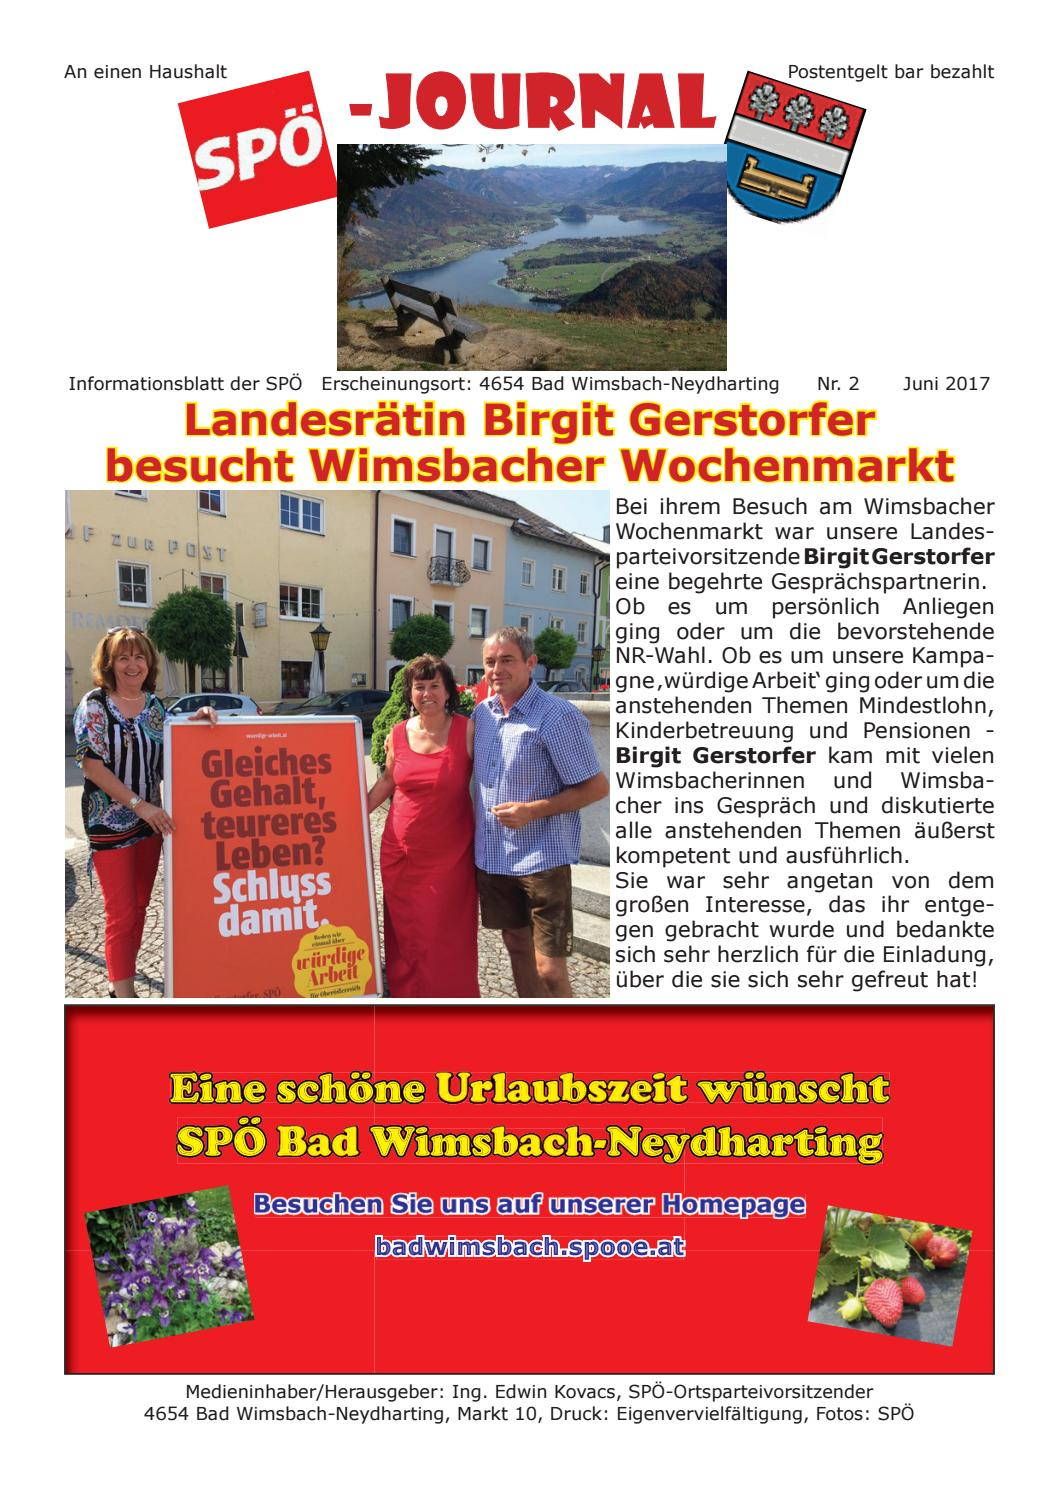 Mitterndorf an der fischa dating kostenlos Haidershofen